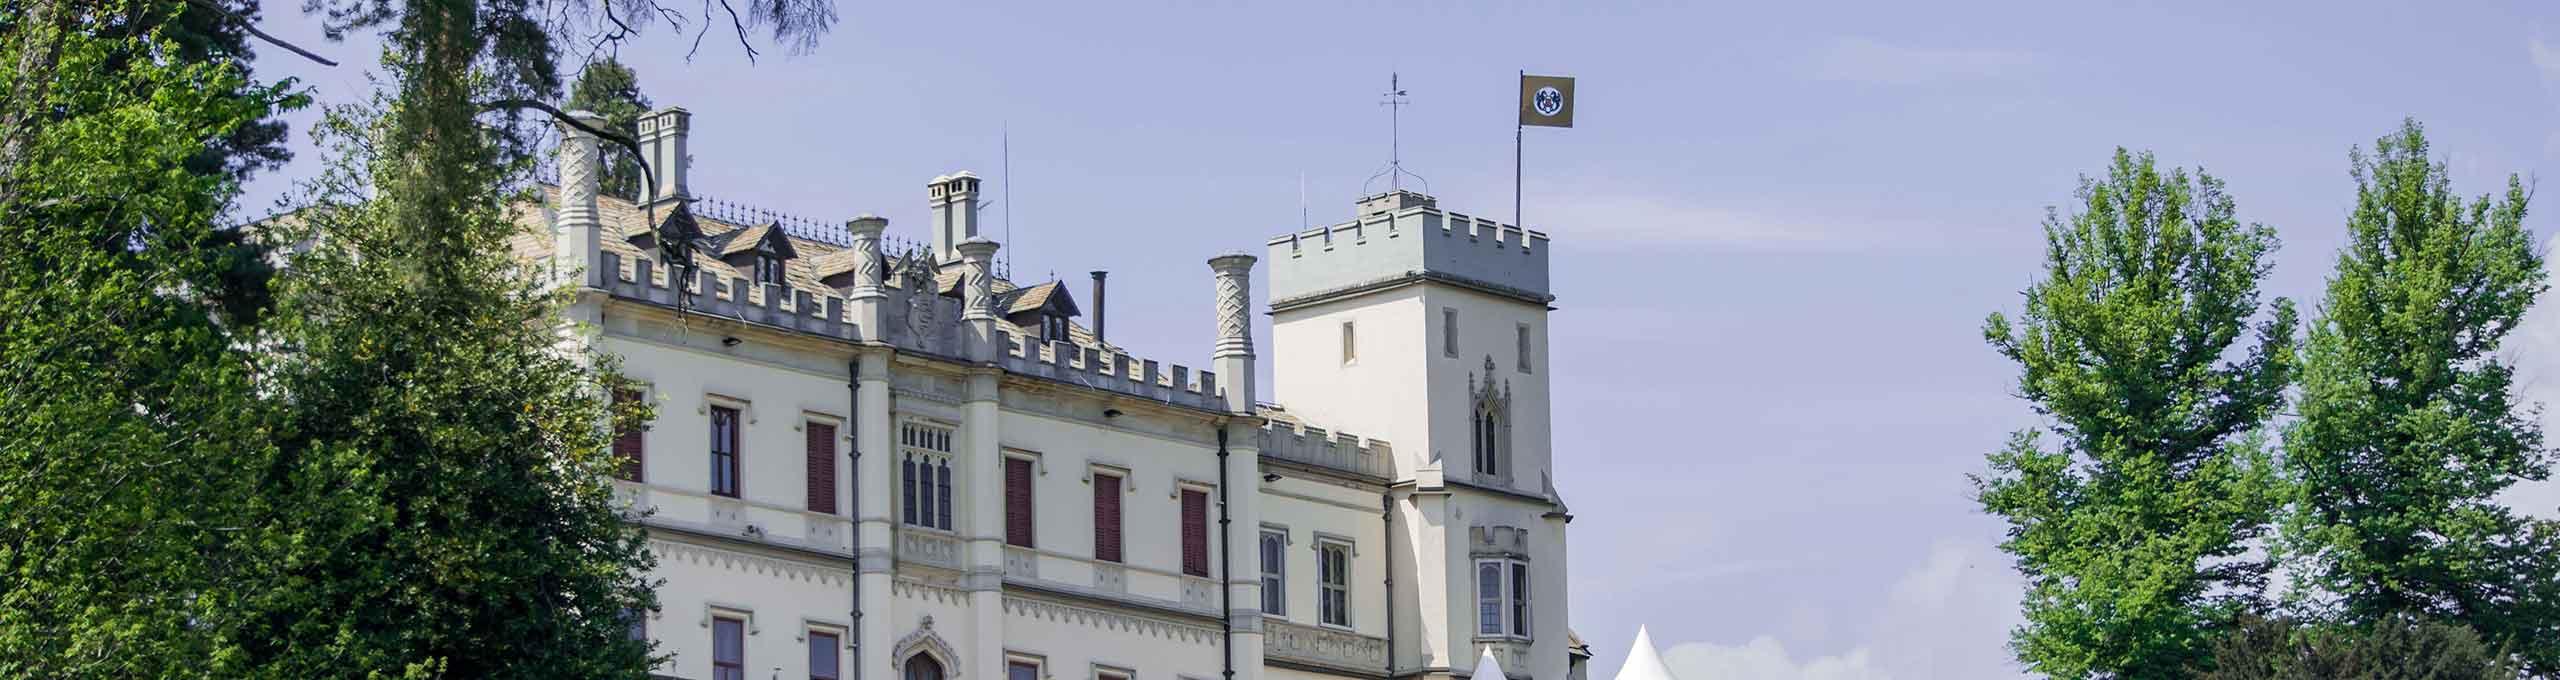 Oleggio, Colline Novaresi, Castello di Oleggio